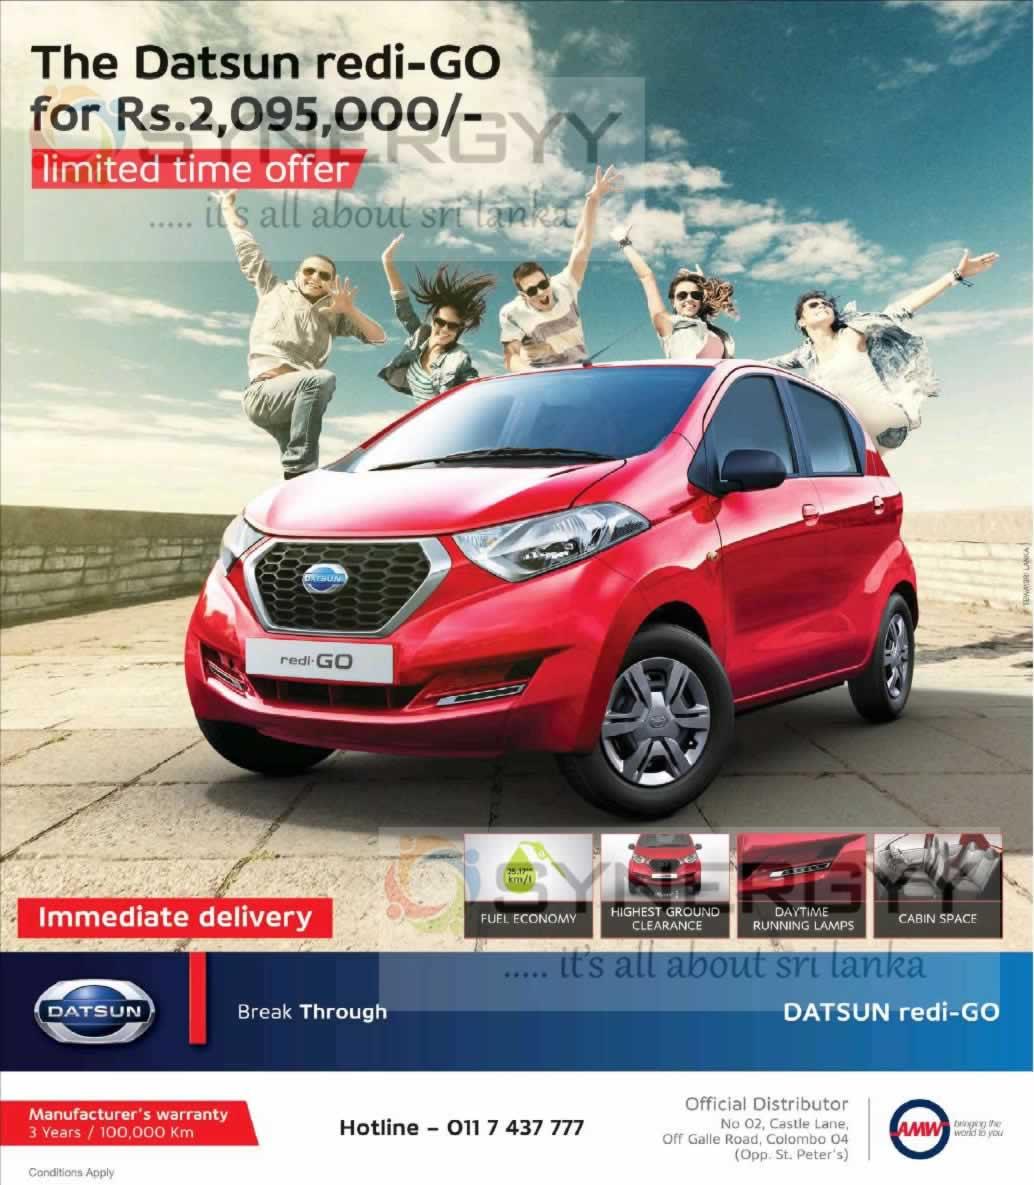 Datsun redi-GO Price in Sri Lanka – Rs. 2,095,000- « SynergyY